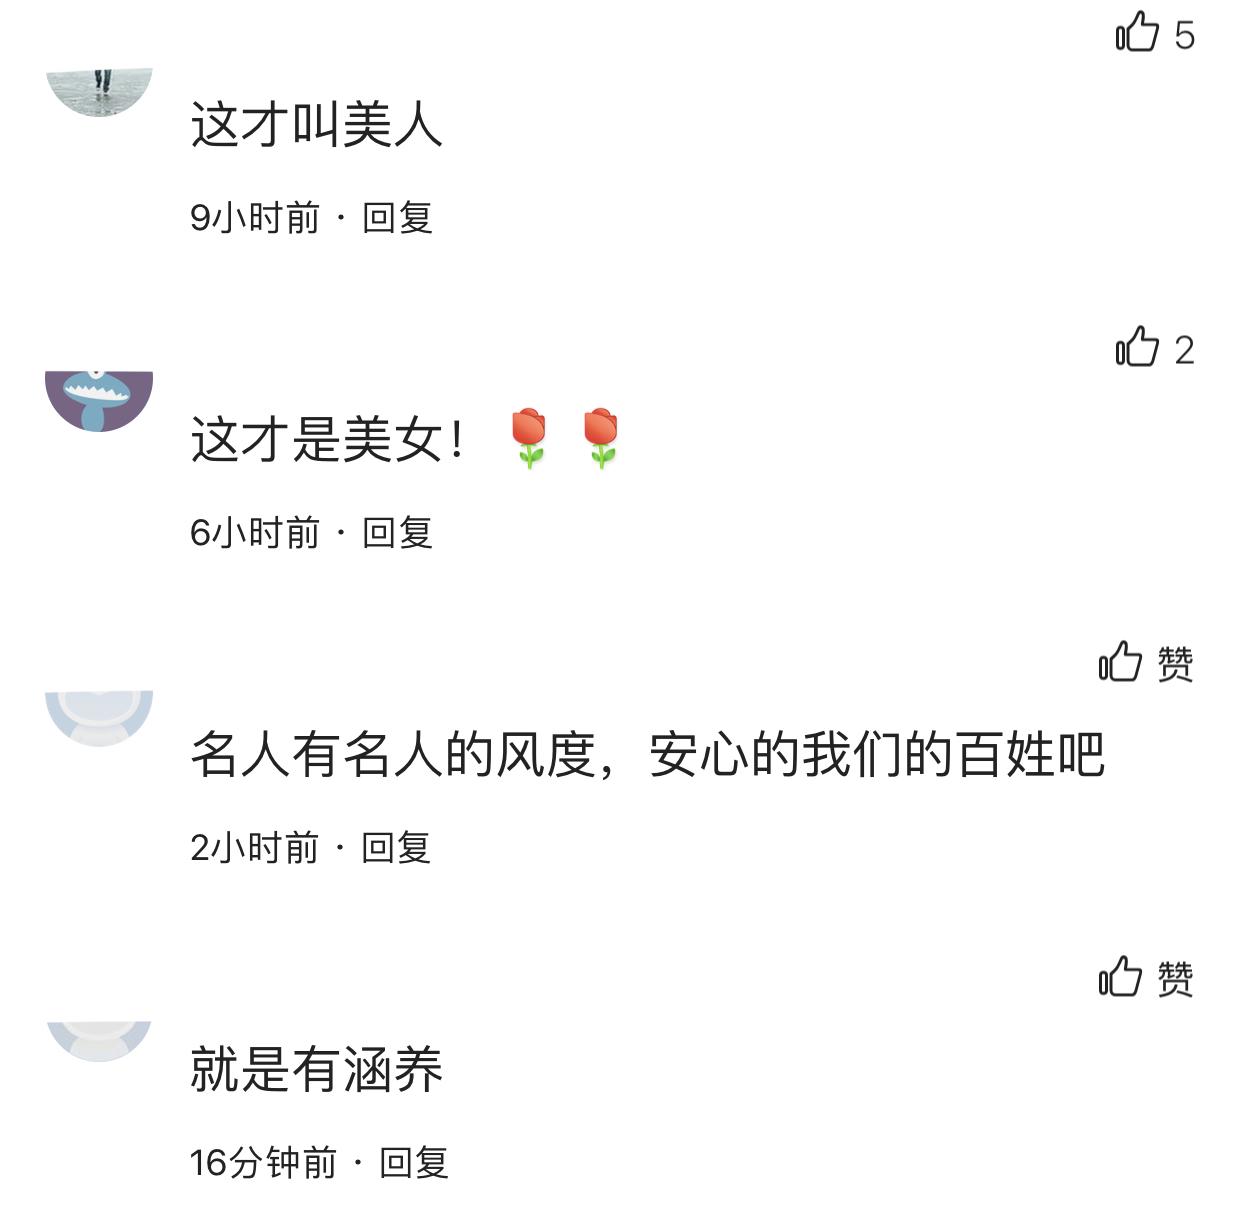 56岁央视主持人李修平近照,优雅有气质,网友:这才叫美人